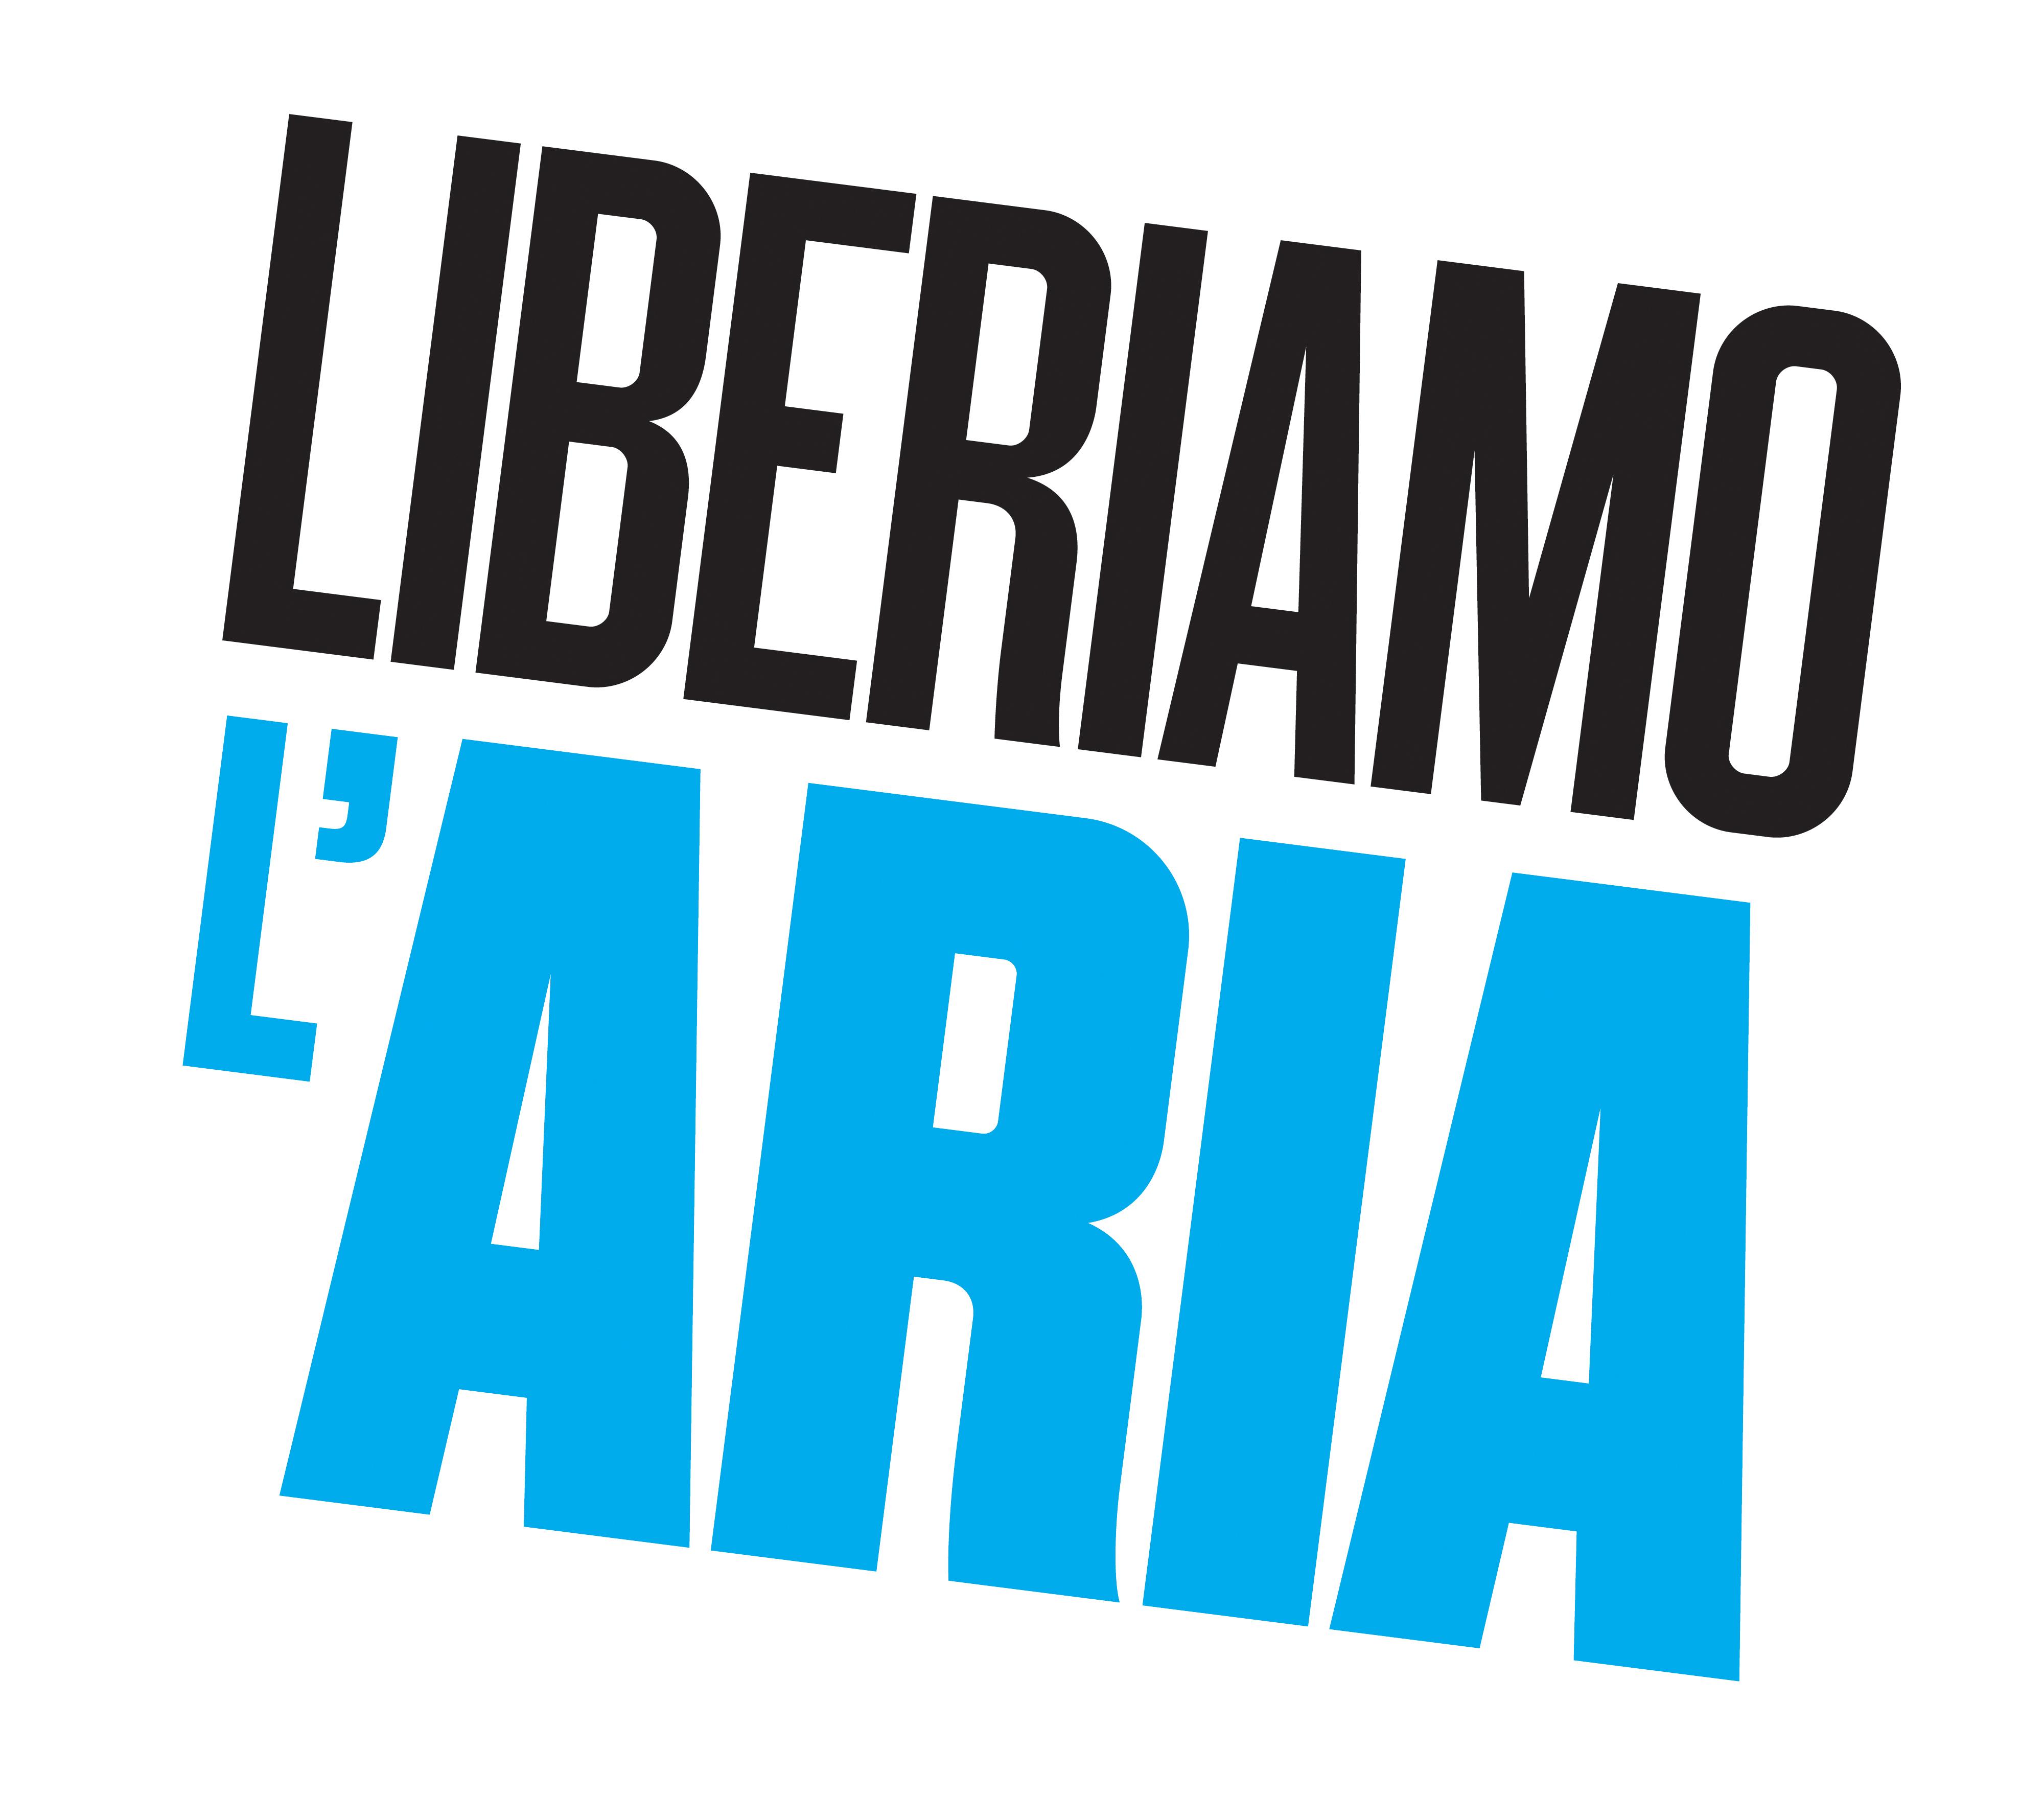 Camini E Stufe Emilia Romagna liberiamolaria: strumenti per informare [2019/2020